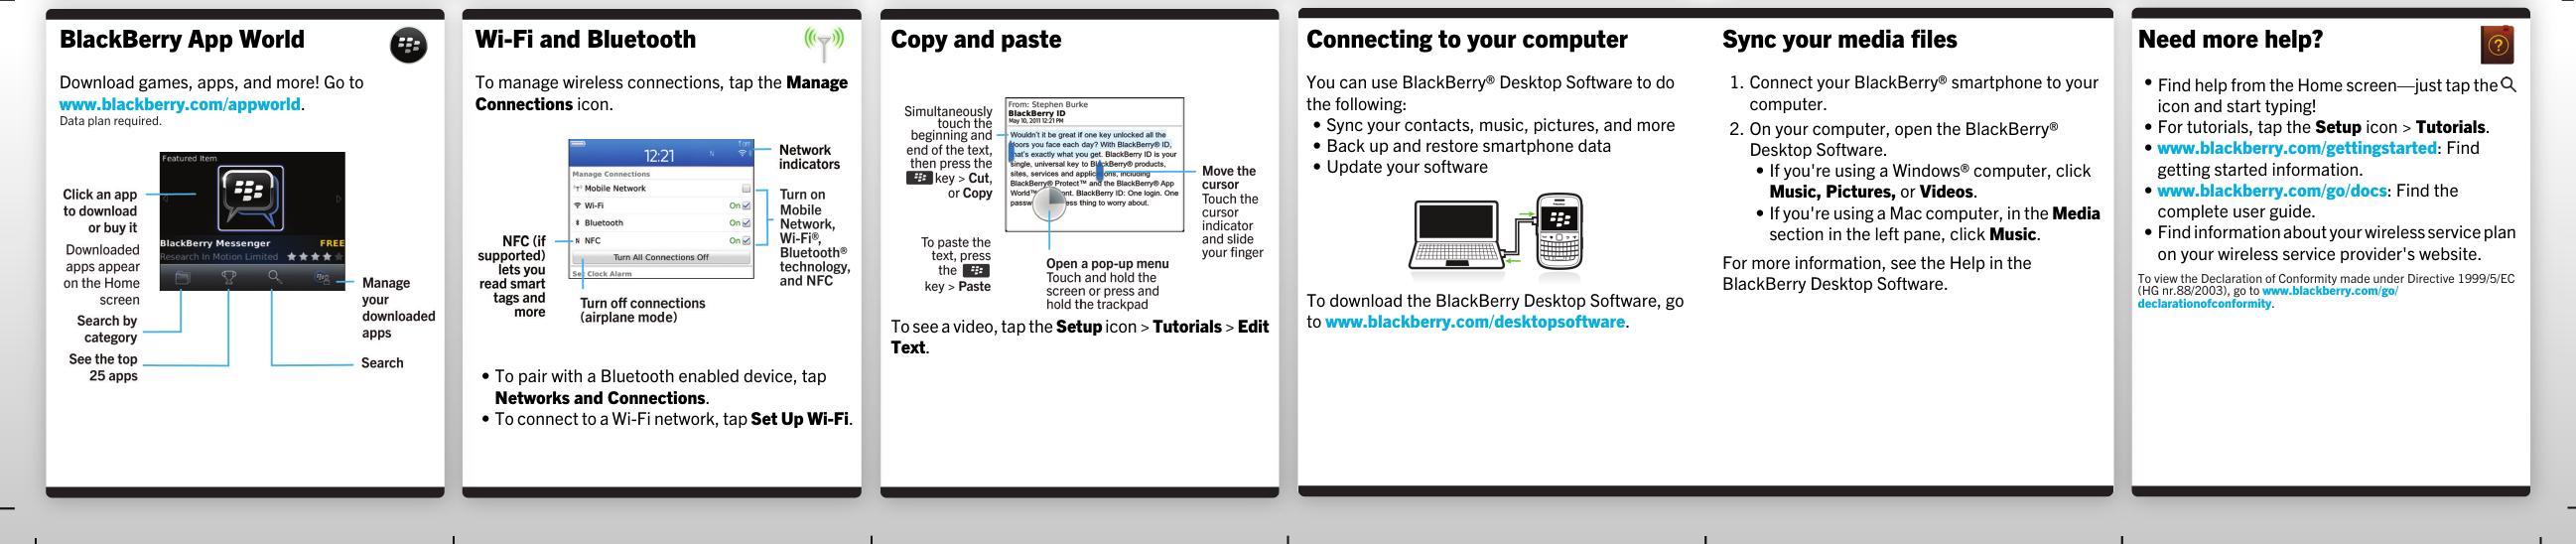 Blackberry Bold 9900 V7 0 Start Here Guide